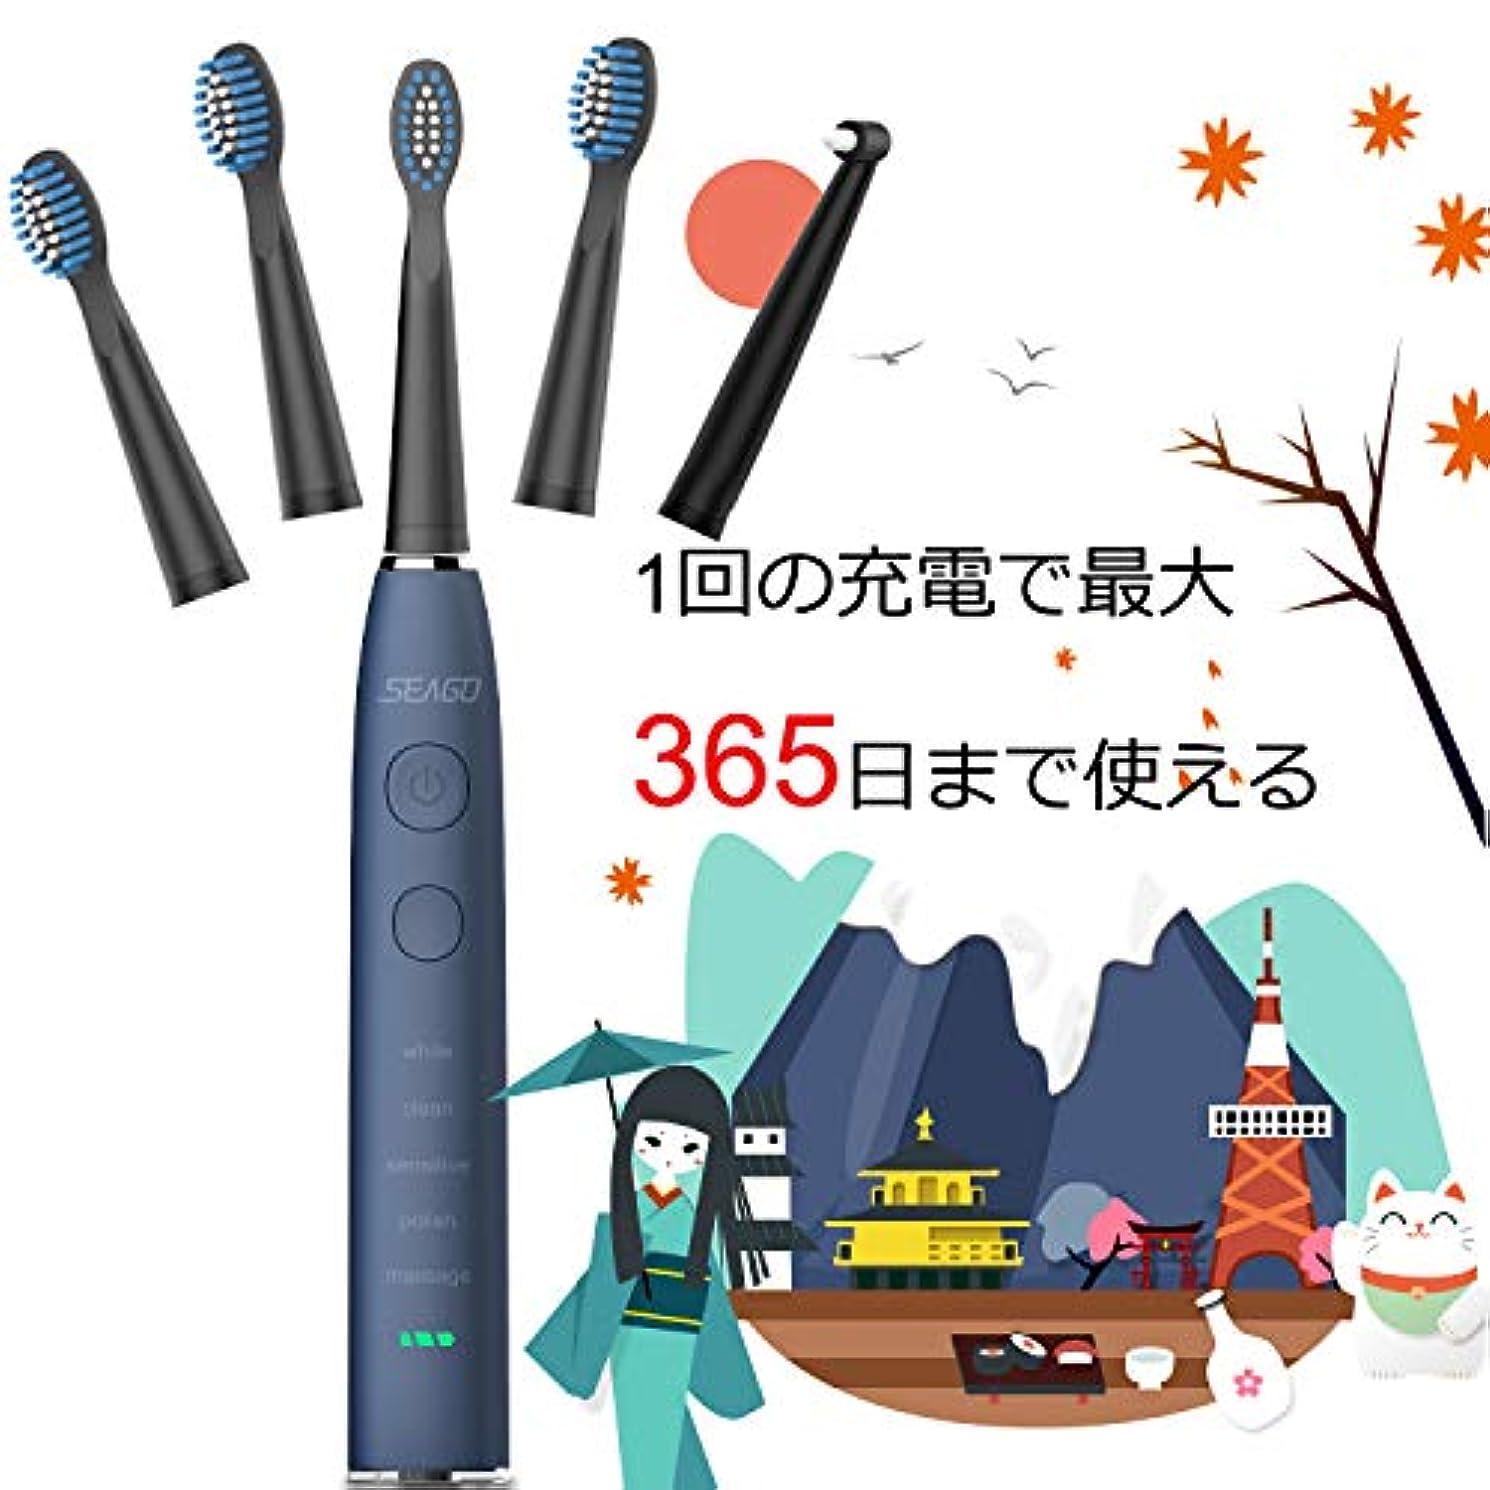 としてパックバスタブ電動歯ブラシ 歯ブラシ seago 音波歯ブラシ USB充電式8時間 365日に使用 IPX7防水 五つモードと2分オートタイマー機能搭載 替えブラシ5本 12ヶ月メーカー保証 SG-575(ブルー)